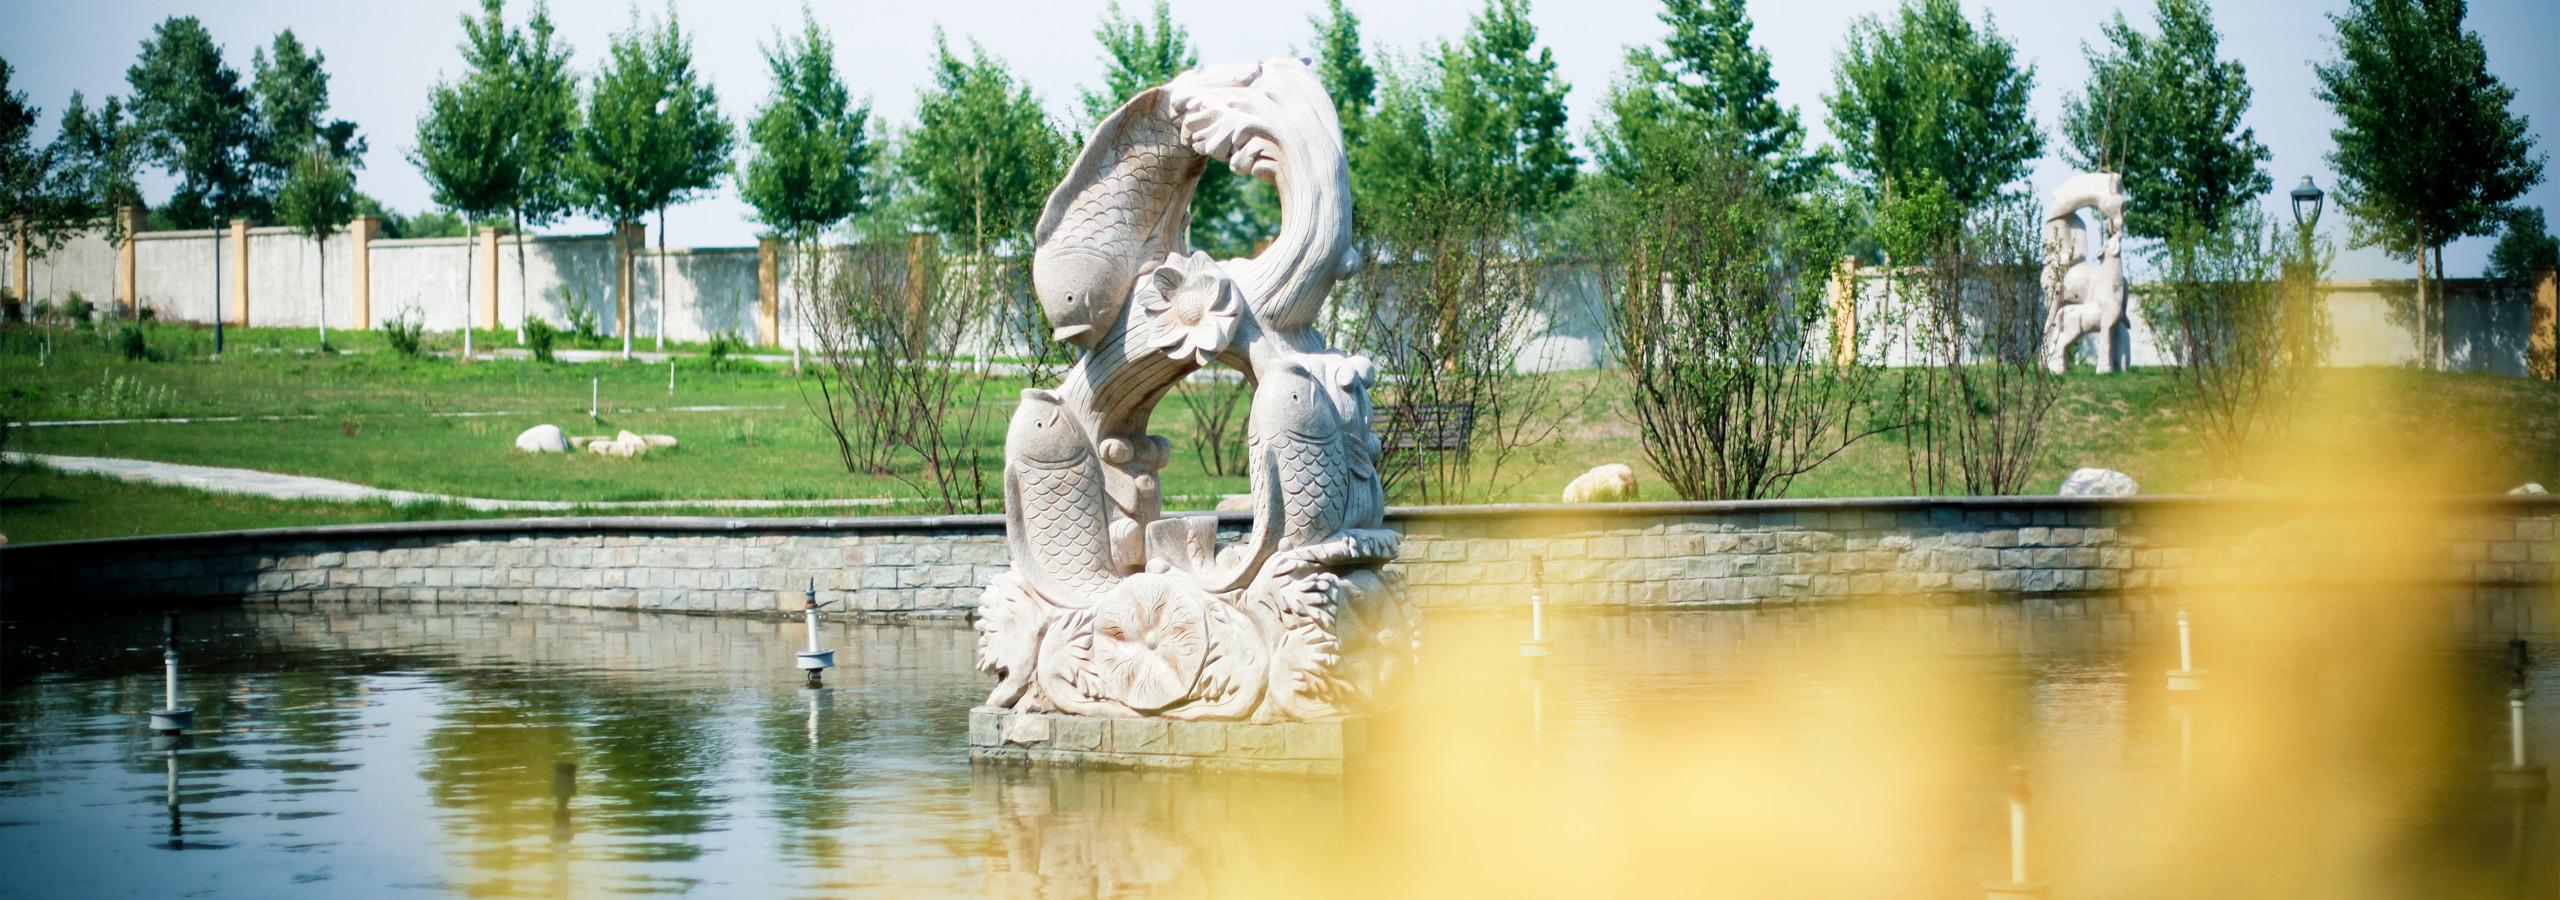 哈尔滨城市职业学院花园